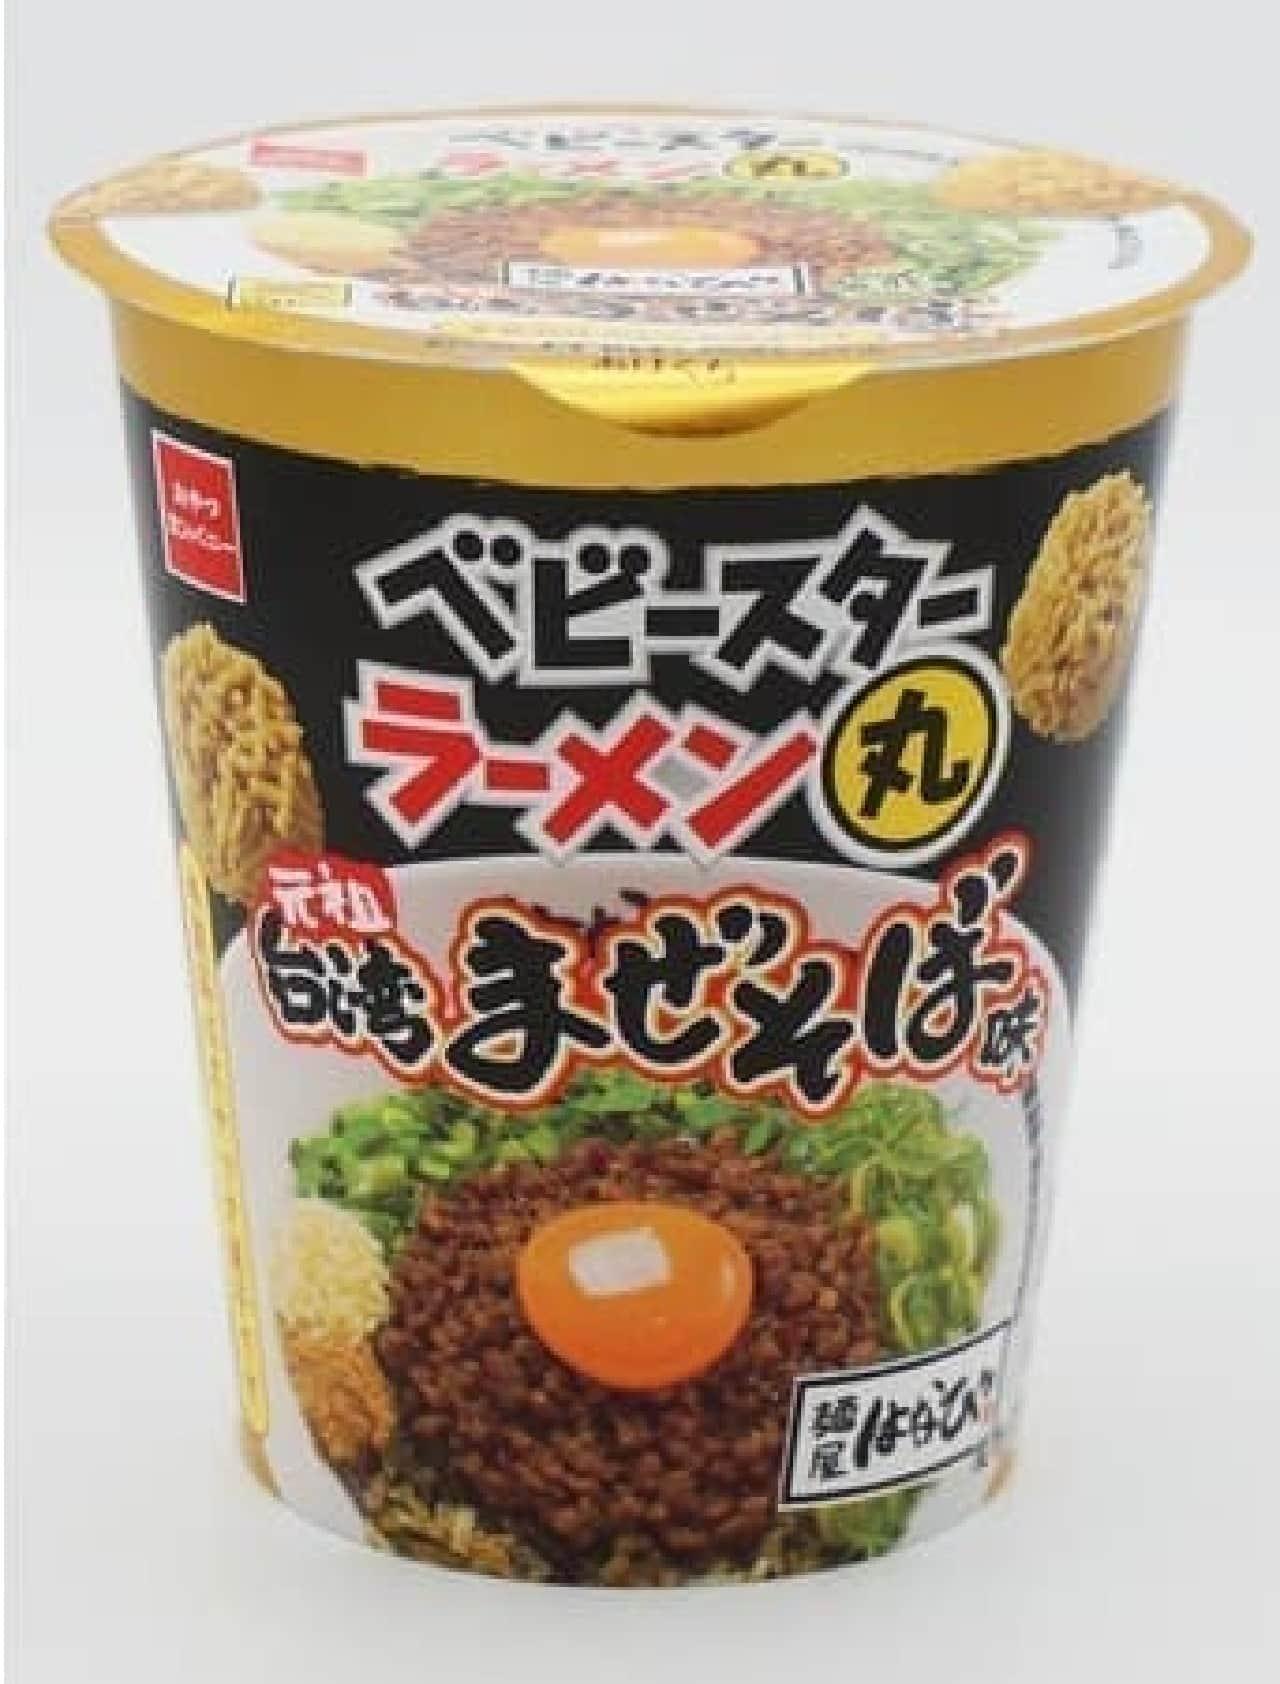 ファミリーマート「ベビースターラーメン丸 麺屋はなび台湾まぜそば味」